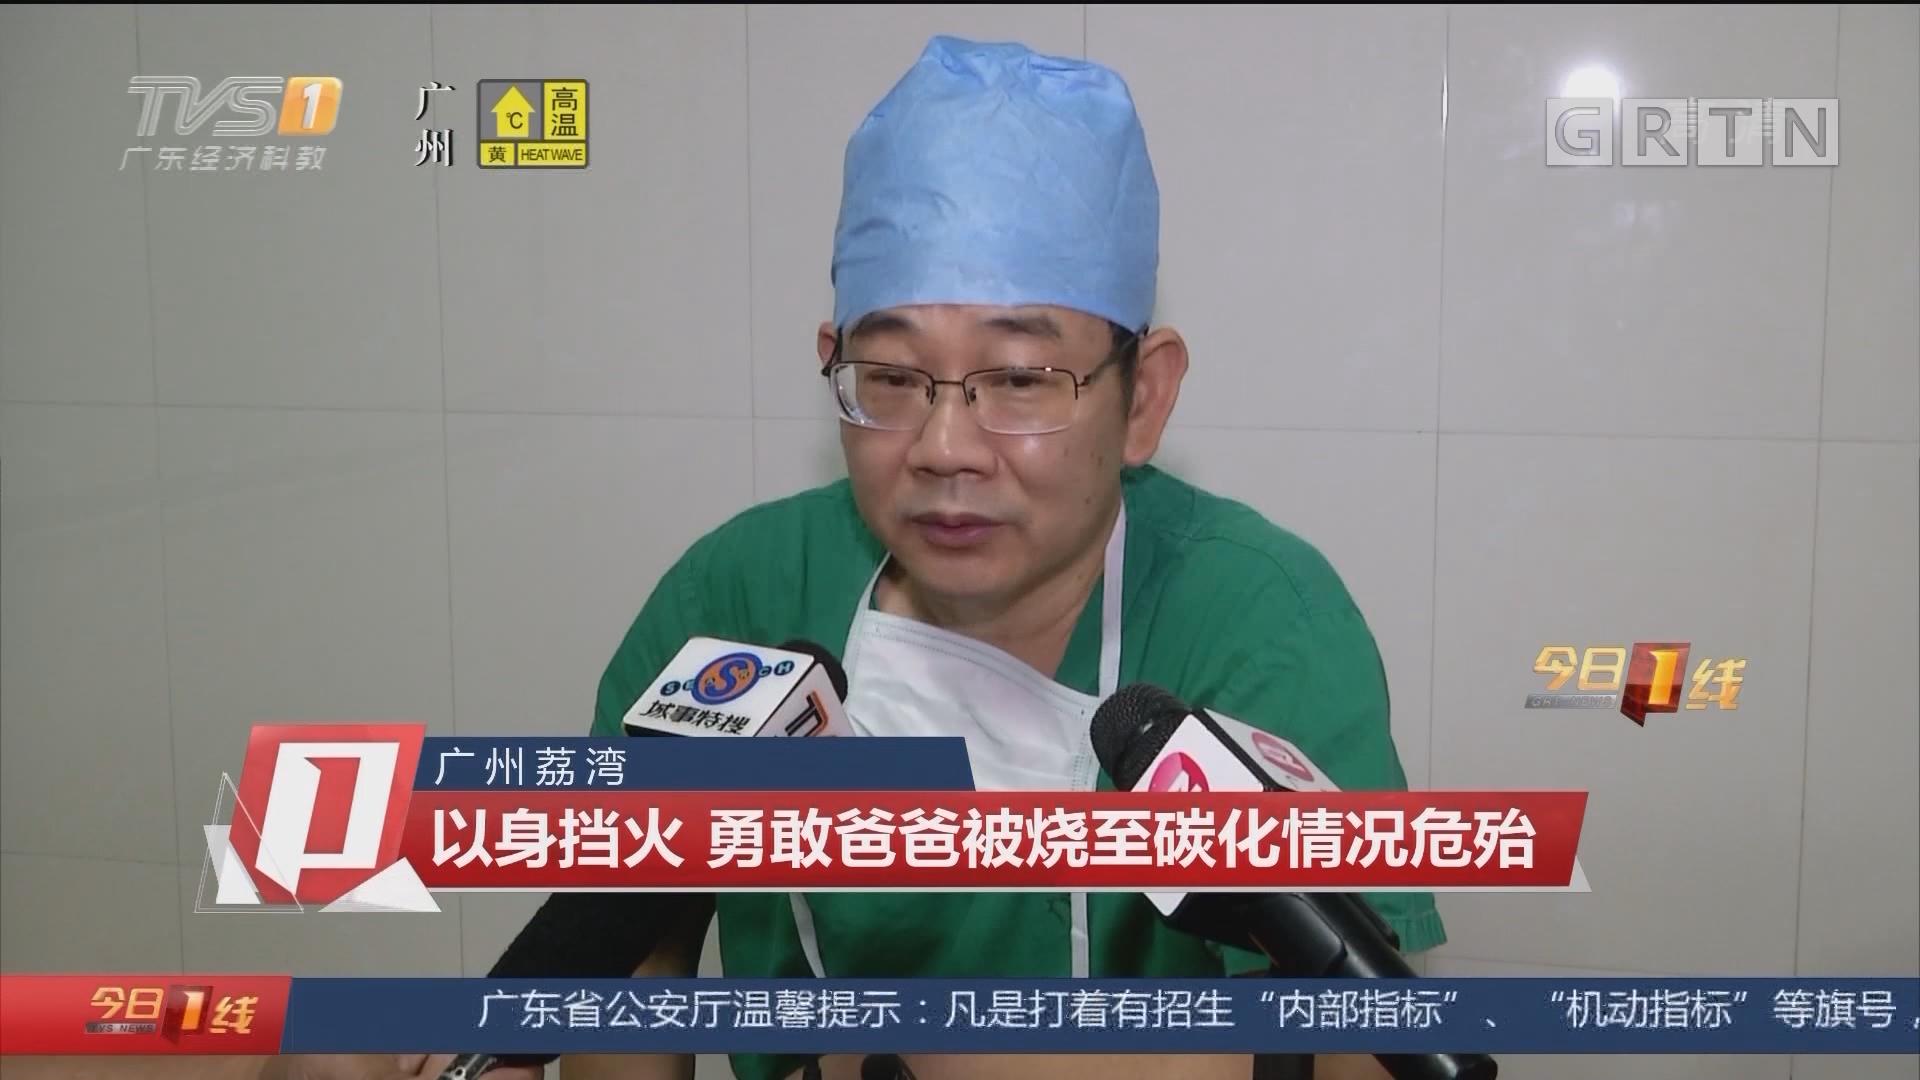 广州荔湾:以身挡火 勇敢爸爸被烧至碳化情况危殆